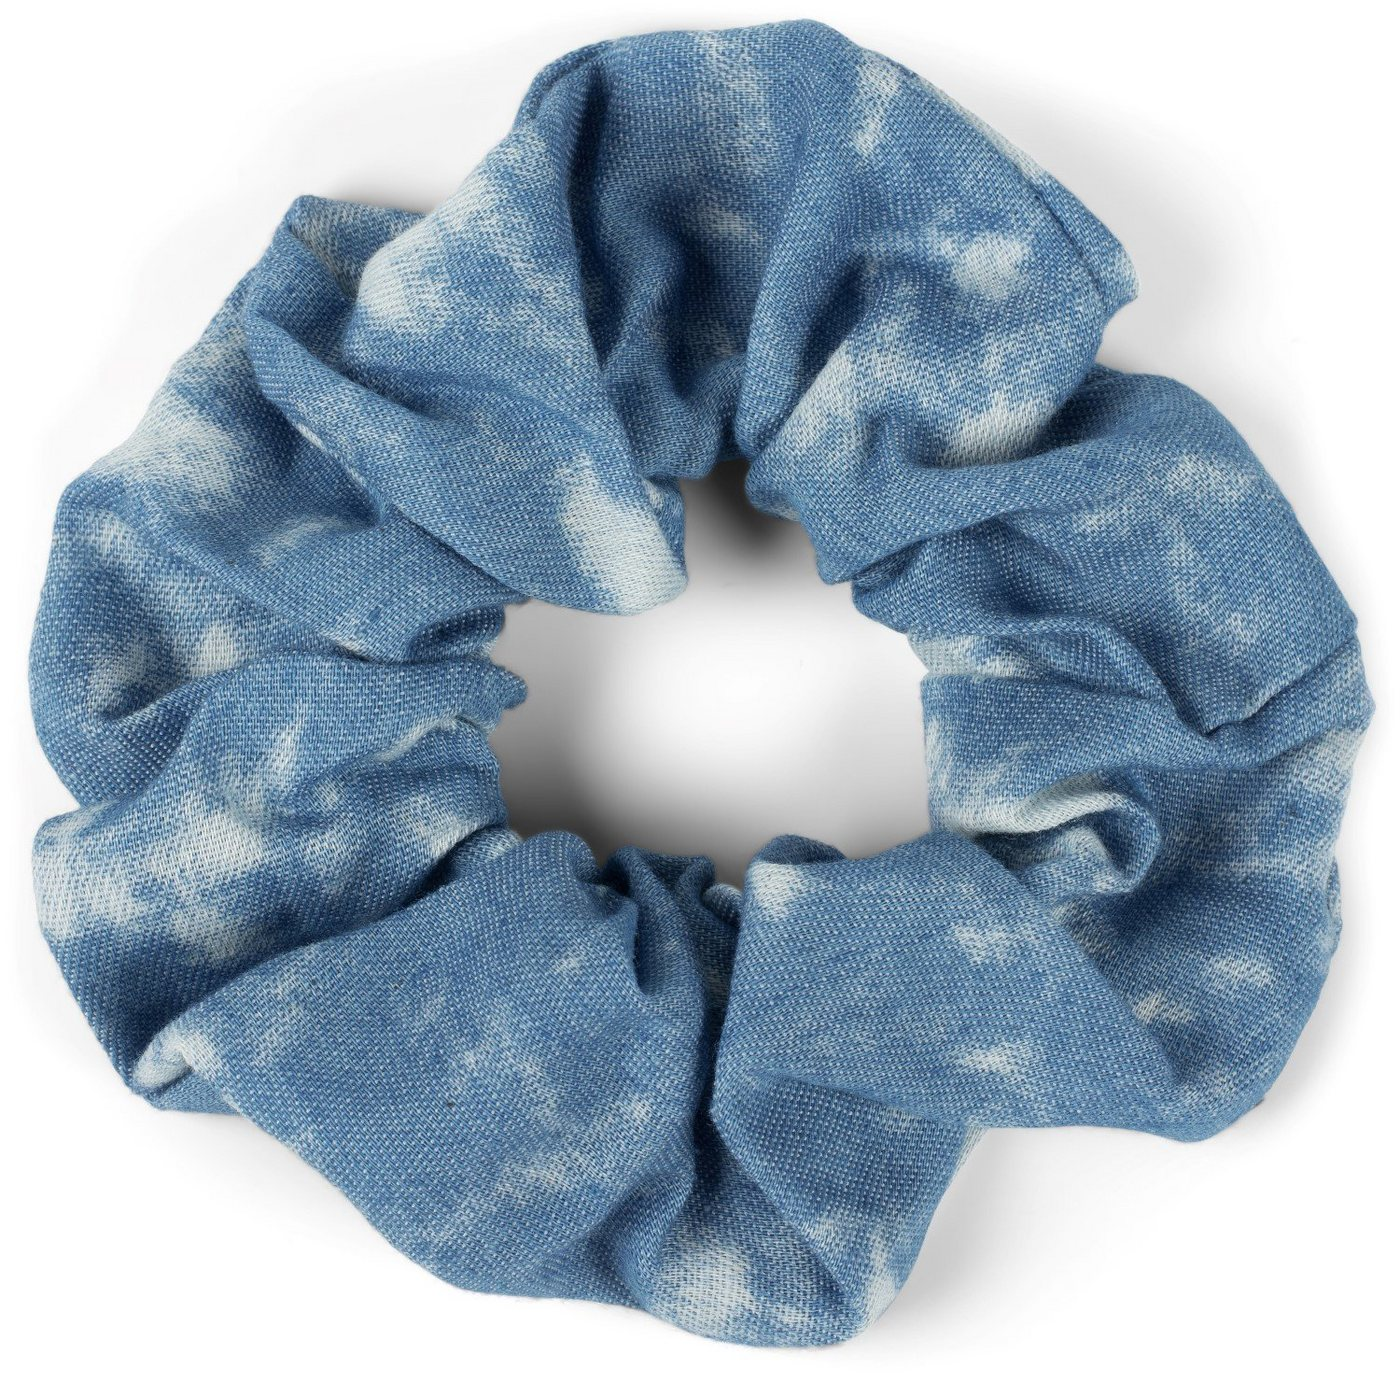 stylebreaker -  Zopfhalter »Bleached Jeans Scrunchie Haargummi«, 1-tlg., Bleached Jeans Scrunchie Haargummi